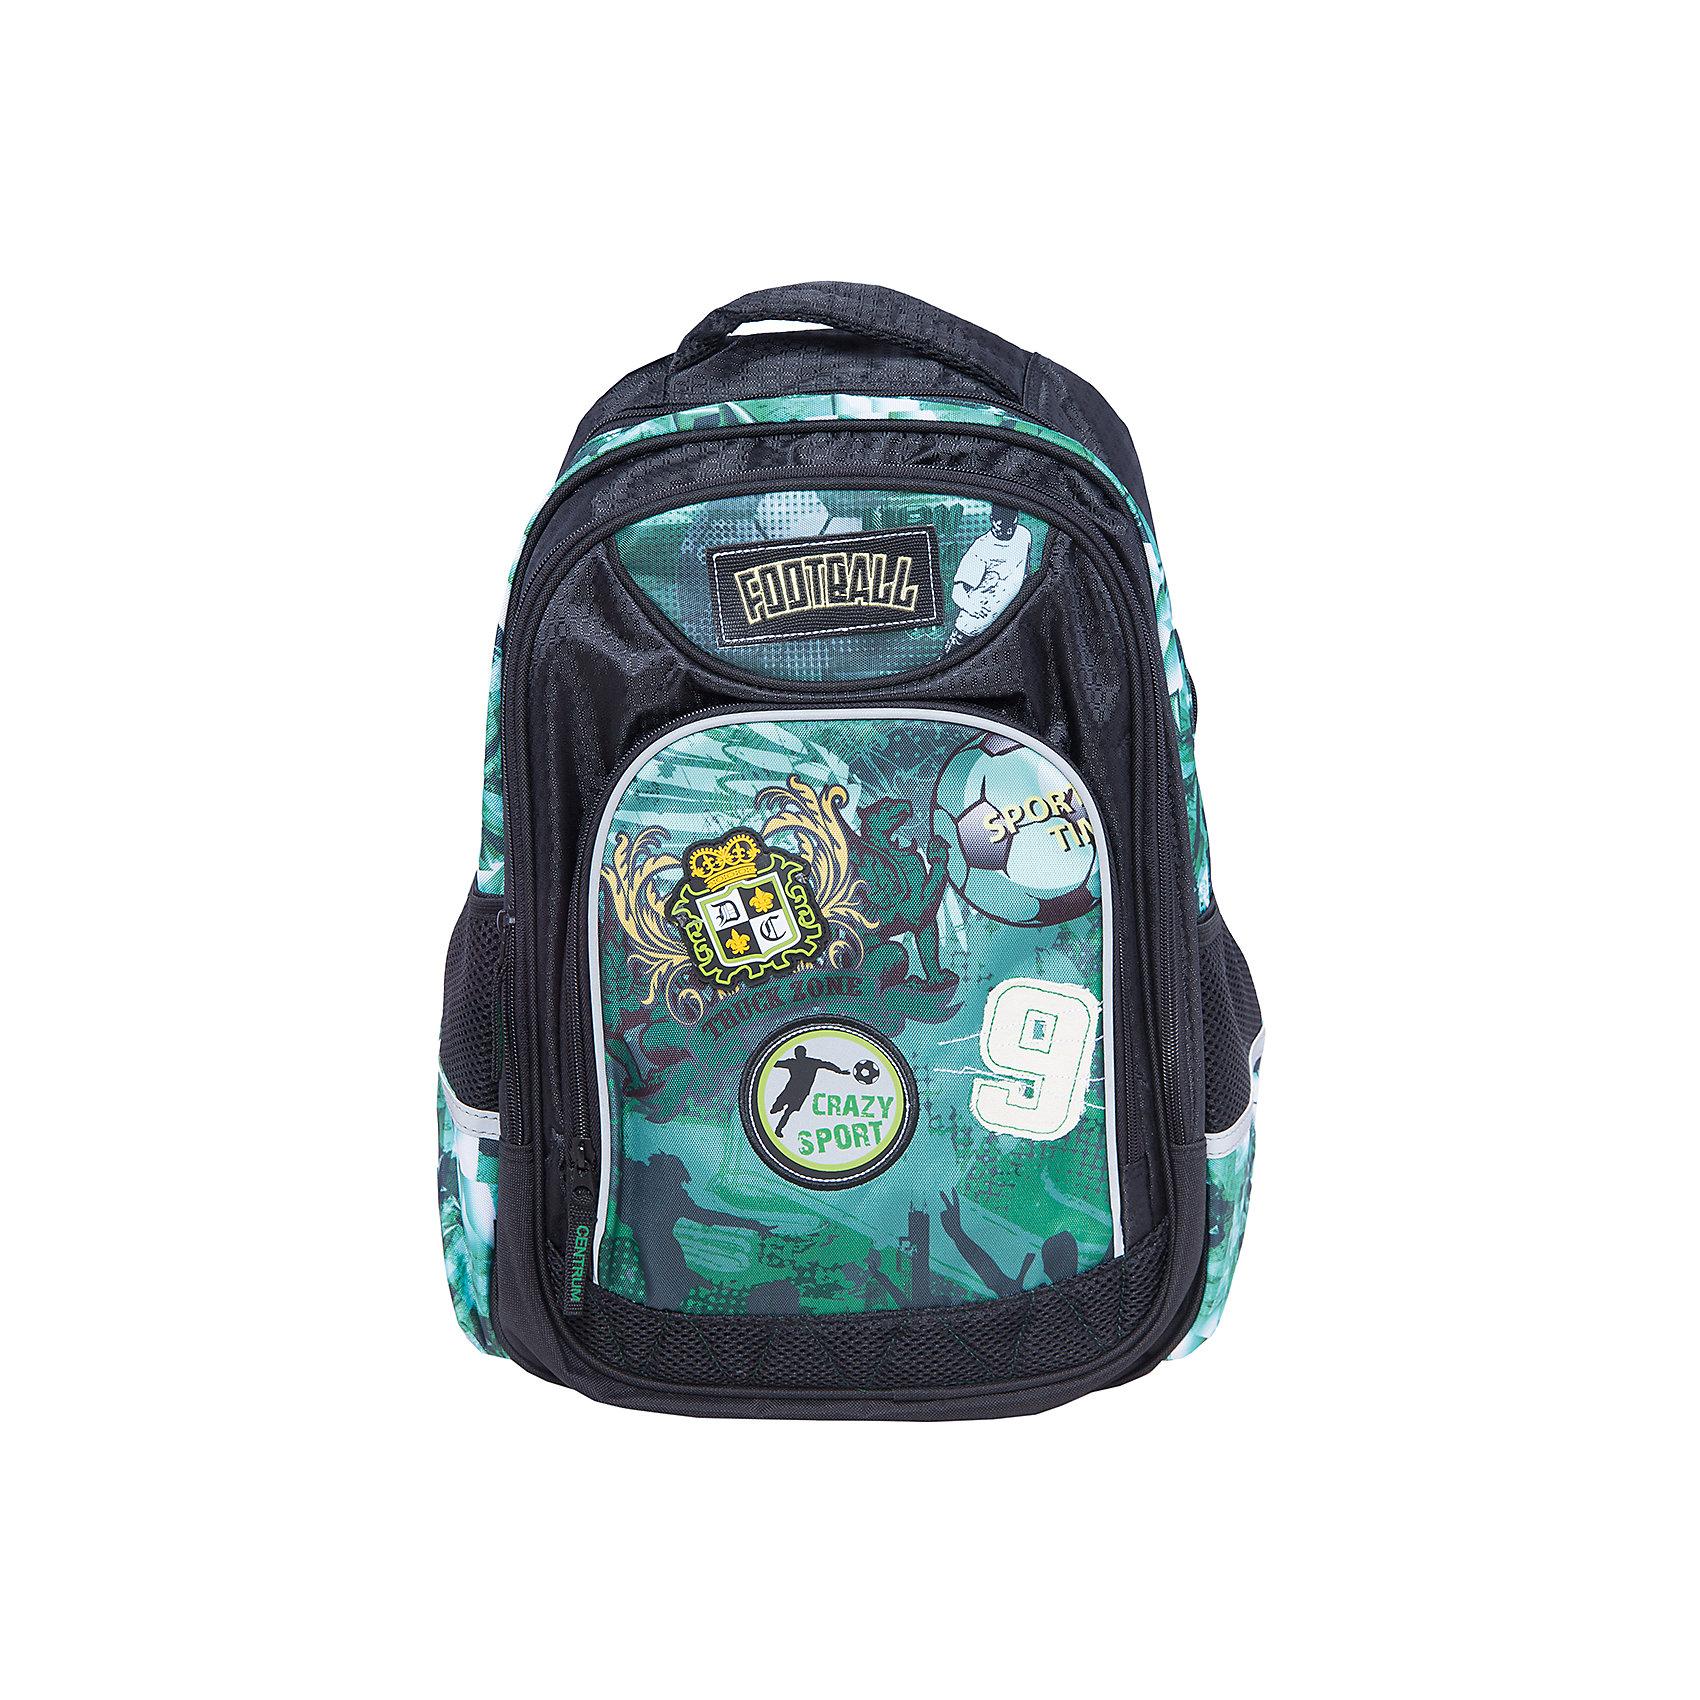 Школьный рюкзакРюкзаки<br>Школьный рюкзак, CENTRUM (Центрум) ? рюкзак отечественного бренда детской серии. Рюкзаки этой серии выполнены из непромокаемого и прочного полиэстера высокого качества, отличаются легким весом. <br>Внутреннее устройство рюкзака состоит из одного вместительного отсека. По бокам рюкзака имеются два сетчатых кармана. На передней стенке два объемных кармана на молнии. Эргономичность рюкзака обеспечивается плотной спинкой и широкими регулируемыми лямками. Для удобства переноса рюкзака в руках имеется  ручка-петля. <br>Рюкзак выполнен в ярком спортивном дизайне: на передней стенке имеется принт с футбольной тематикой .<br>Школьный рюкзак, CENTRUM (Центрум) ? это многофункциональность, качество и удобство использования. <br><br>Дополнительная информация:<br><br>- Вес: 525 г<br>- Габариты (Д*Г*В): 19*31*42 см<br>- Цвет: черный, оттенки зеленого<br>- Материал: полиэстер<br>- Сезон: круглый год<br>- Коллекция: детская<br>- Пол: мужской<br>- Предназначение: для школы, для занятий спортом, для путешествий <br>- Особенности ухода: можно чистить влажной щеткой или губкой<br><br>Подробнее:<br><br>• Для детей в возрасте: от 3 лет и до 10 лет<br>• Страна производитель: Китай<br>• Торговый бренд: CENTRUM<br><br>Школьный рюкзак, CENTRUM (Центрум) можно купить в нашем интернет-магазине.<br><br>Ширина мм: 190<br>Глубина мм: 310<br>Высота мм: 420<br>Вес г: 570<br>Возраст от месяцев: 36<br>Возраст до месяцев: 120<br>Пол: Мужской<br>Возраст: Детский<br>SKU: 4865227